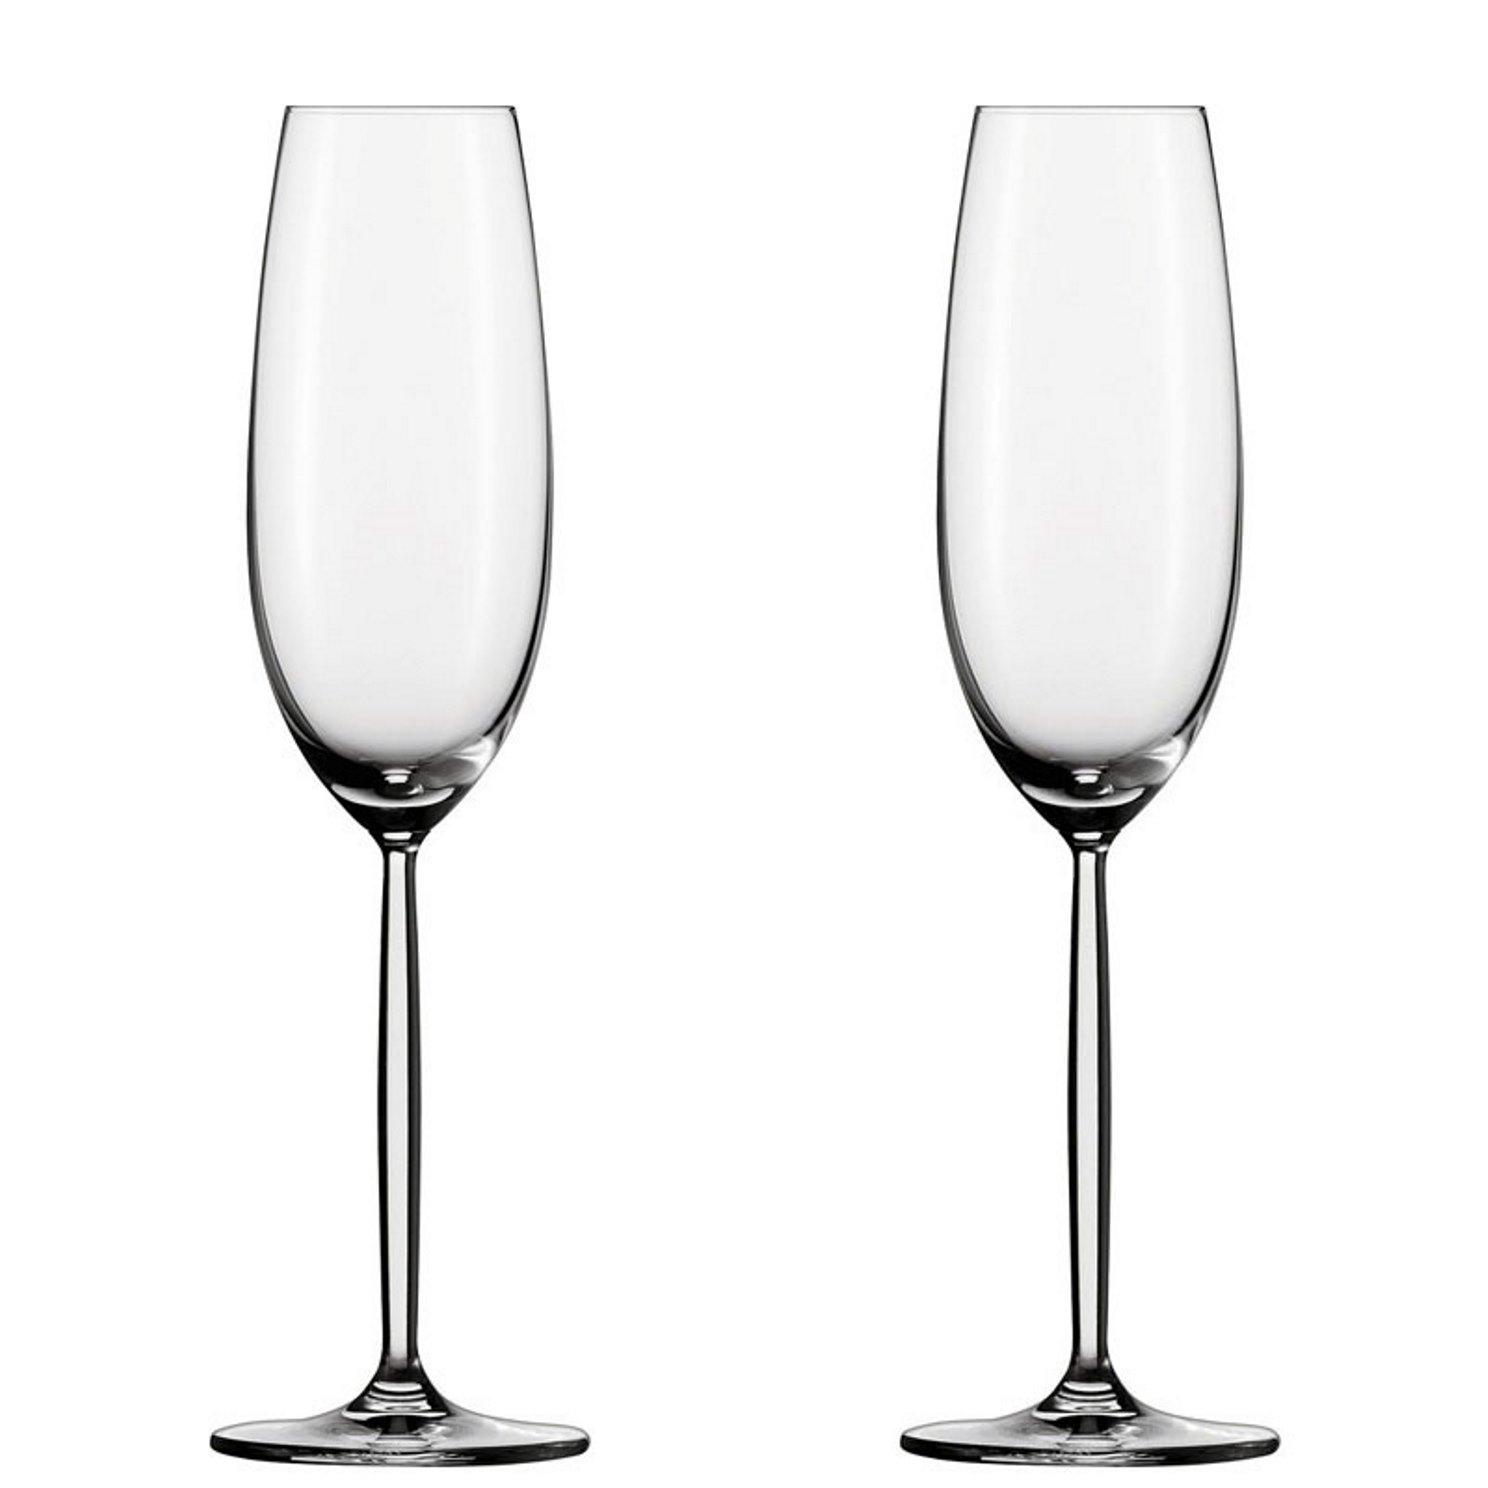 Онлайн каталог PROMENU: Набор бокалов для игристого вина Schott Zwiesel DIVA PROMO, объем 0,279 л, прозрачный, 2 штуки                               121205